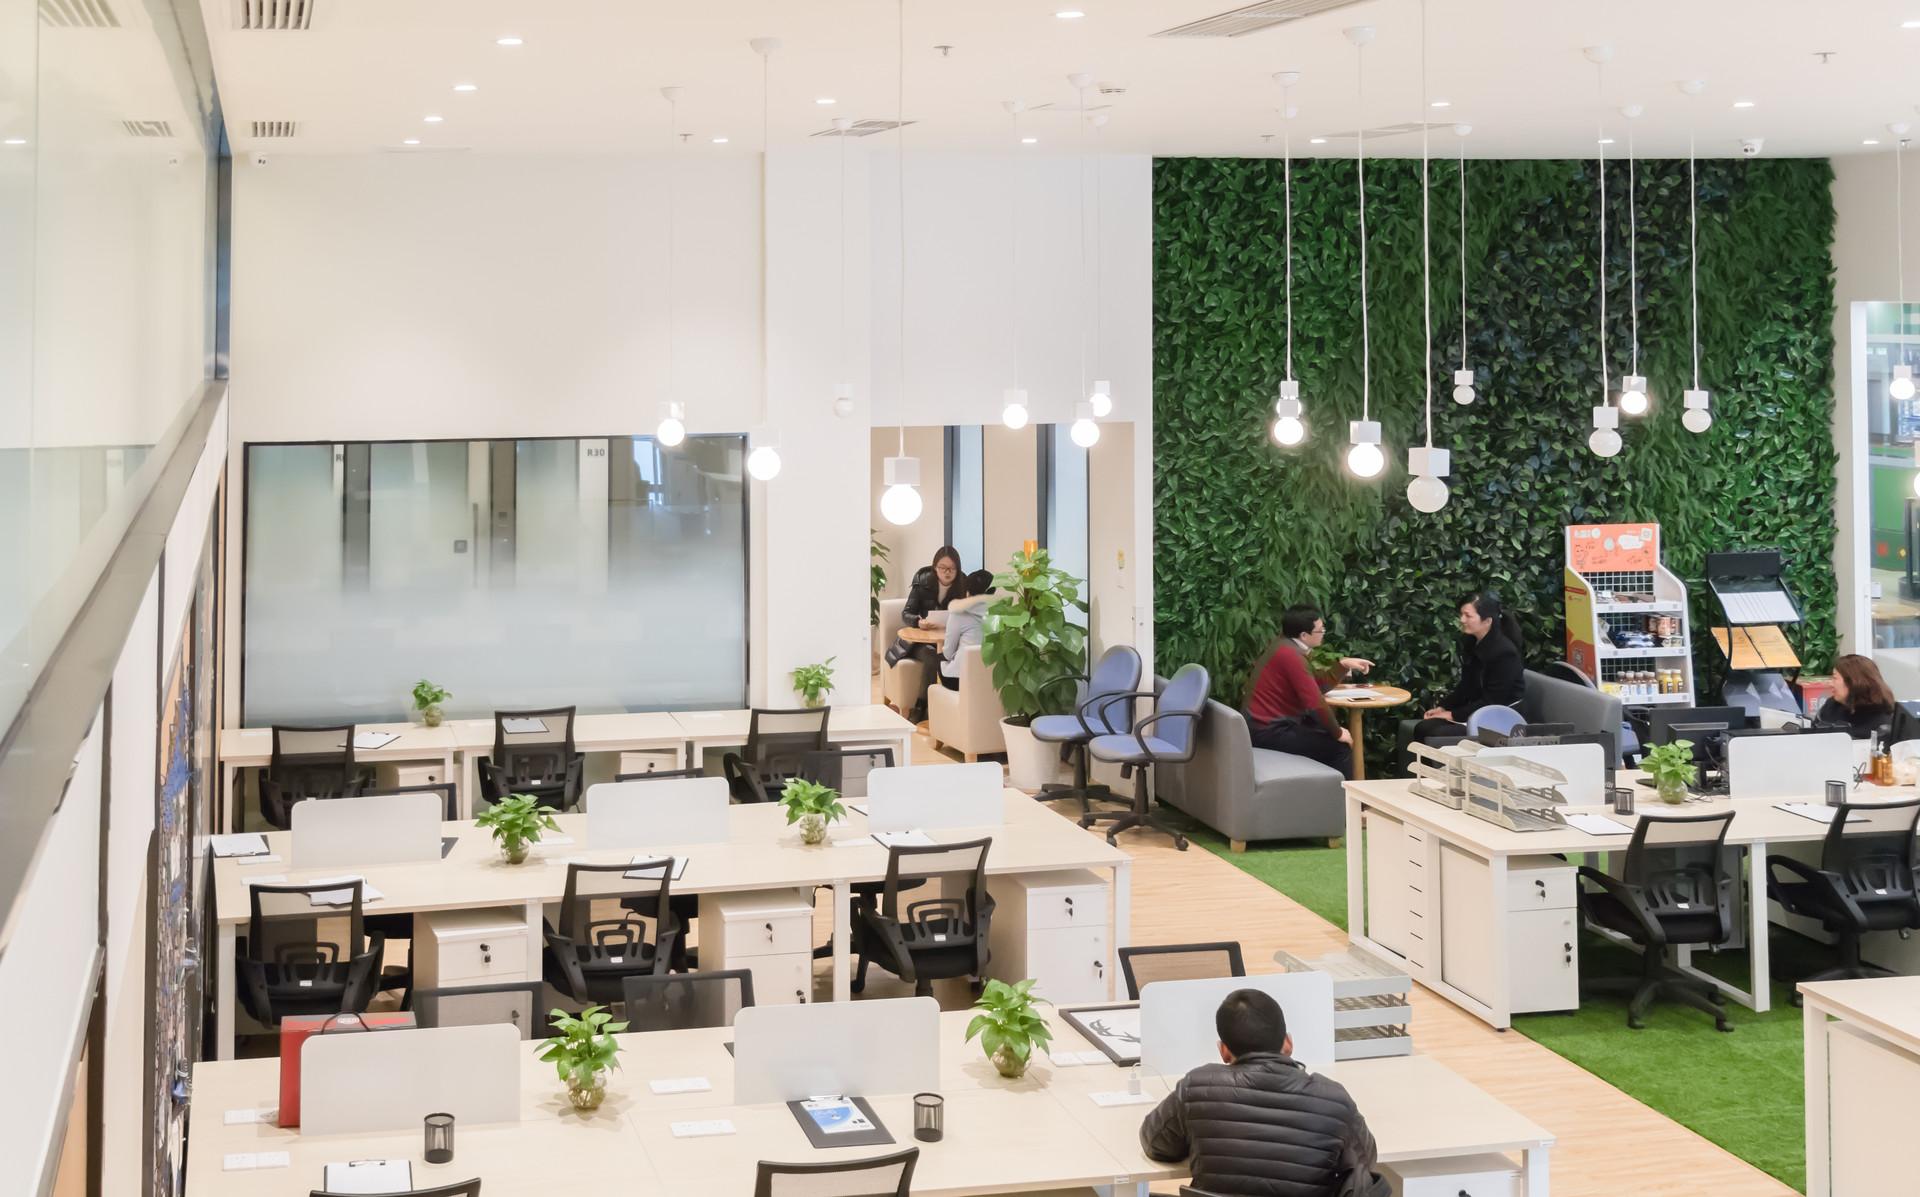 员工办理社保还有更有效率的方式 找个规范的重庆社保代理公司就行